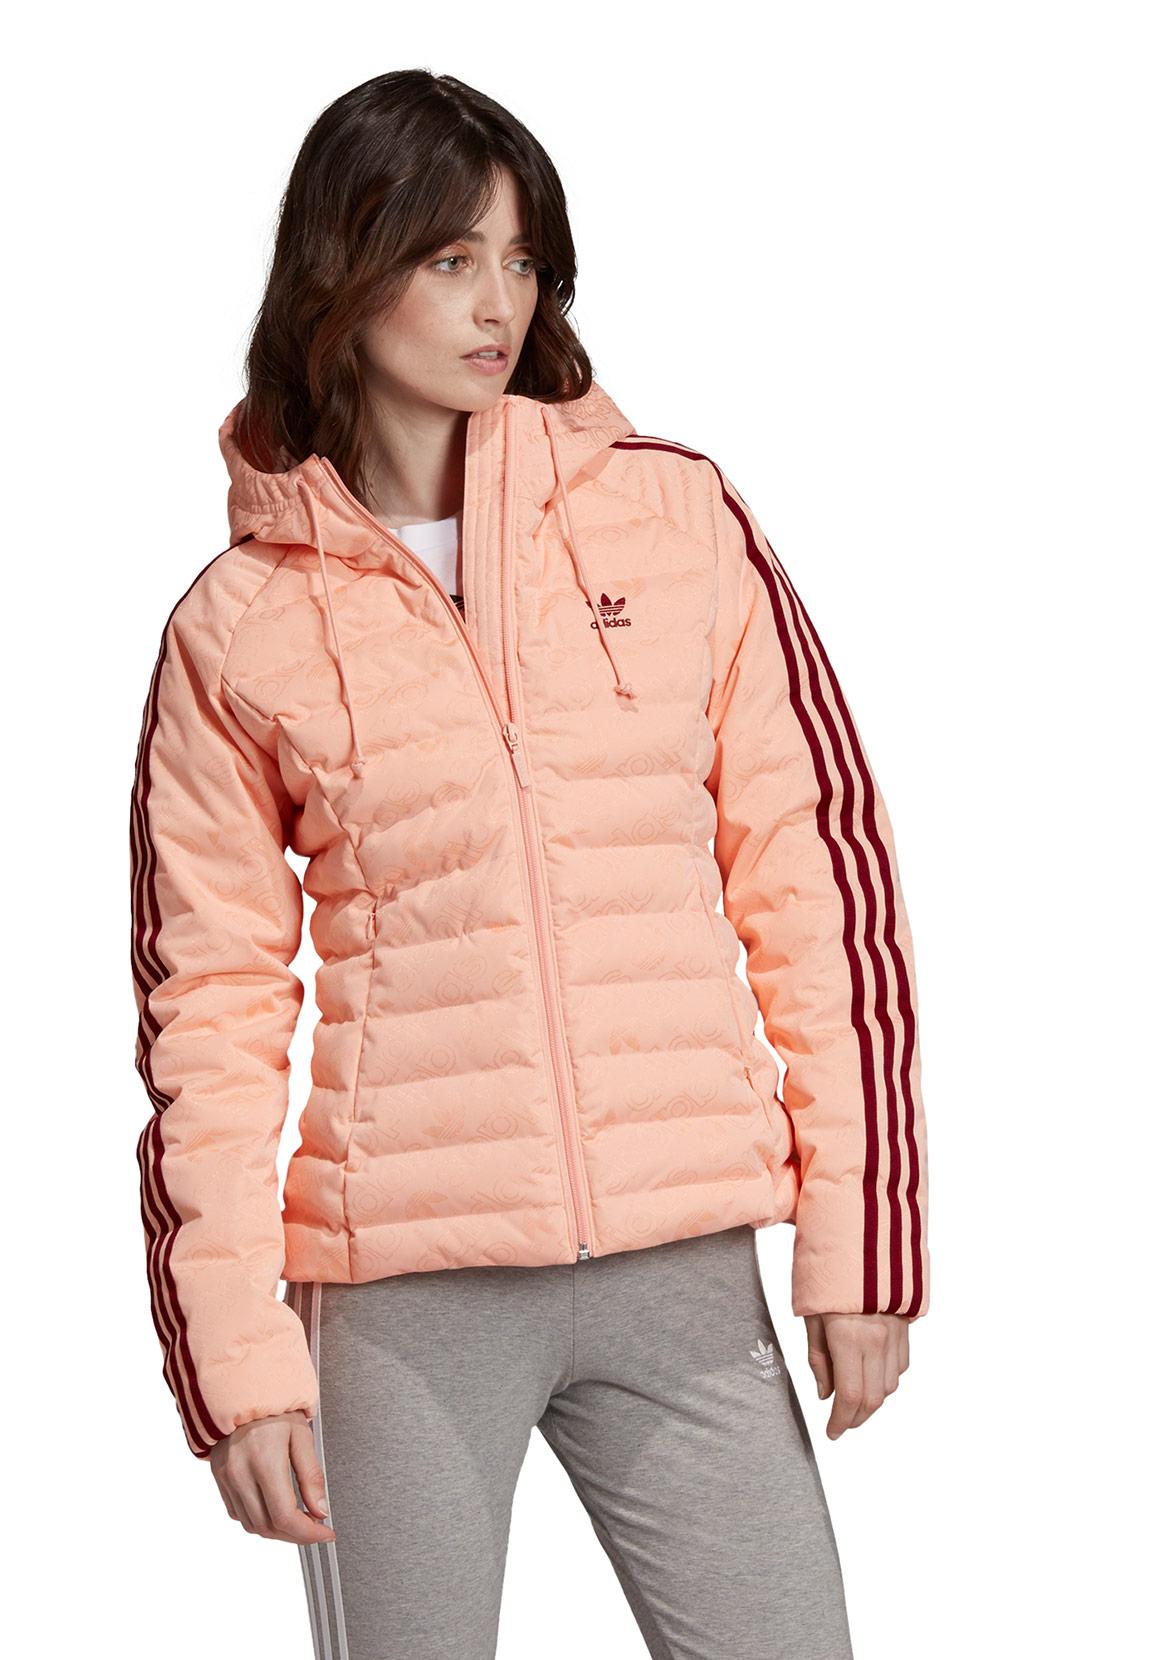 Jacket Slim Originals Jacke Ed4739 Rosa Adidas Damen ARL3q54j